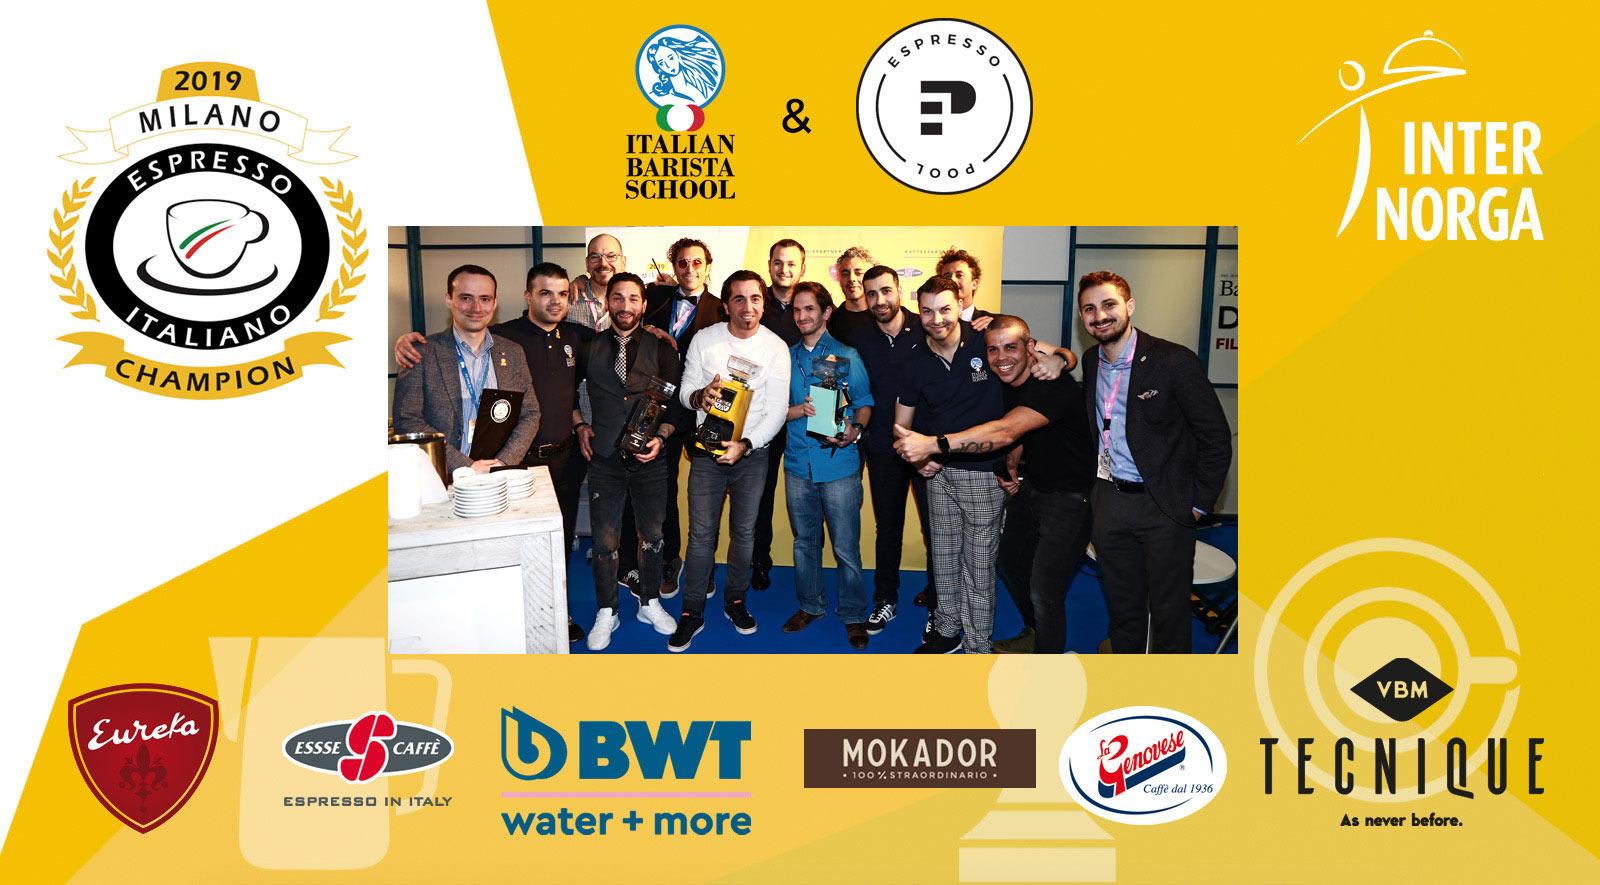 Die deutsche Espresso Italiano Barista Meisterschaft 2019 ist entschieden